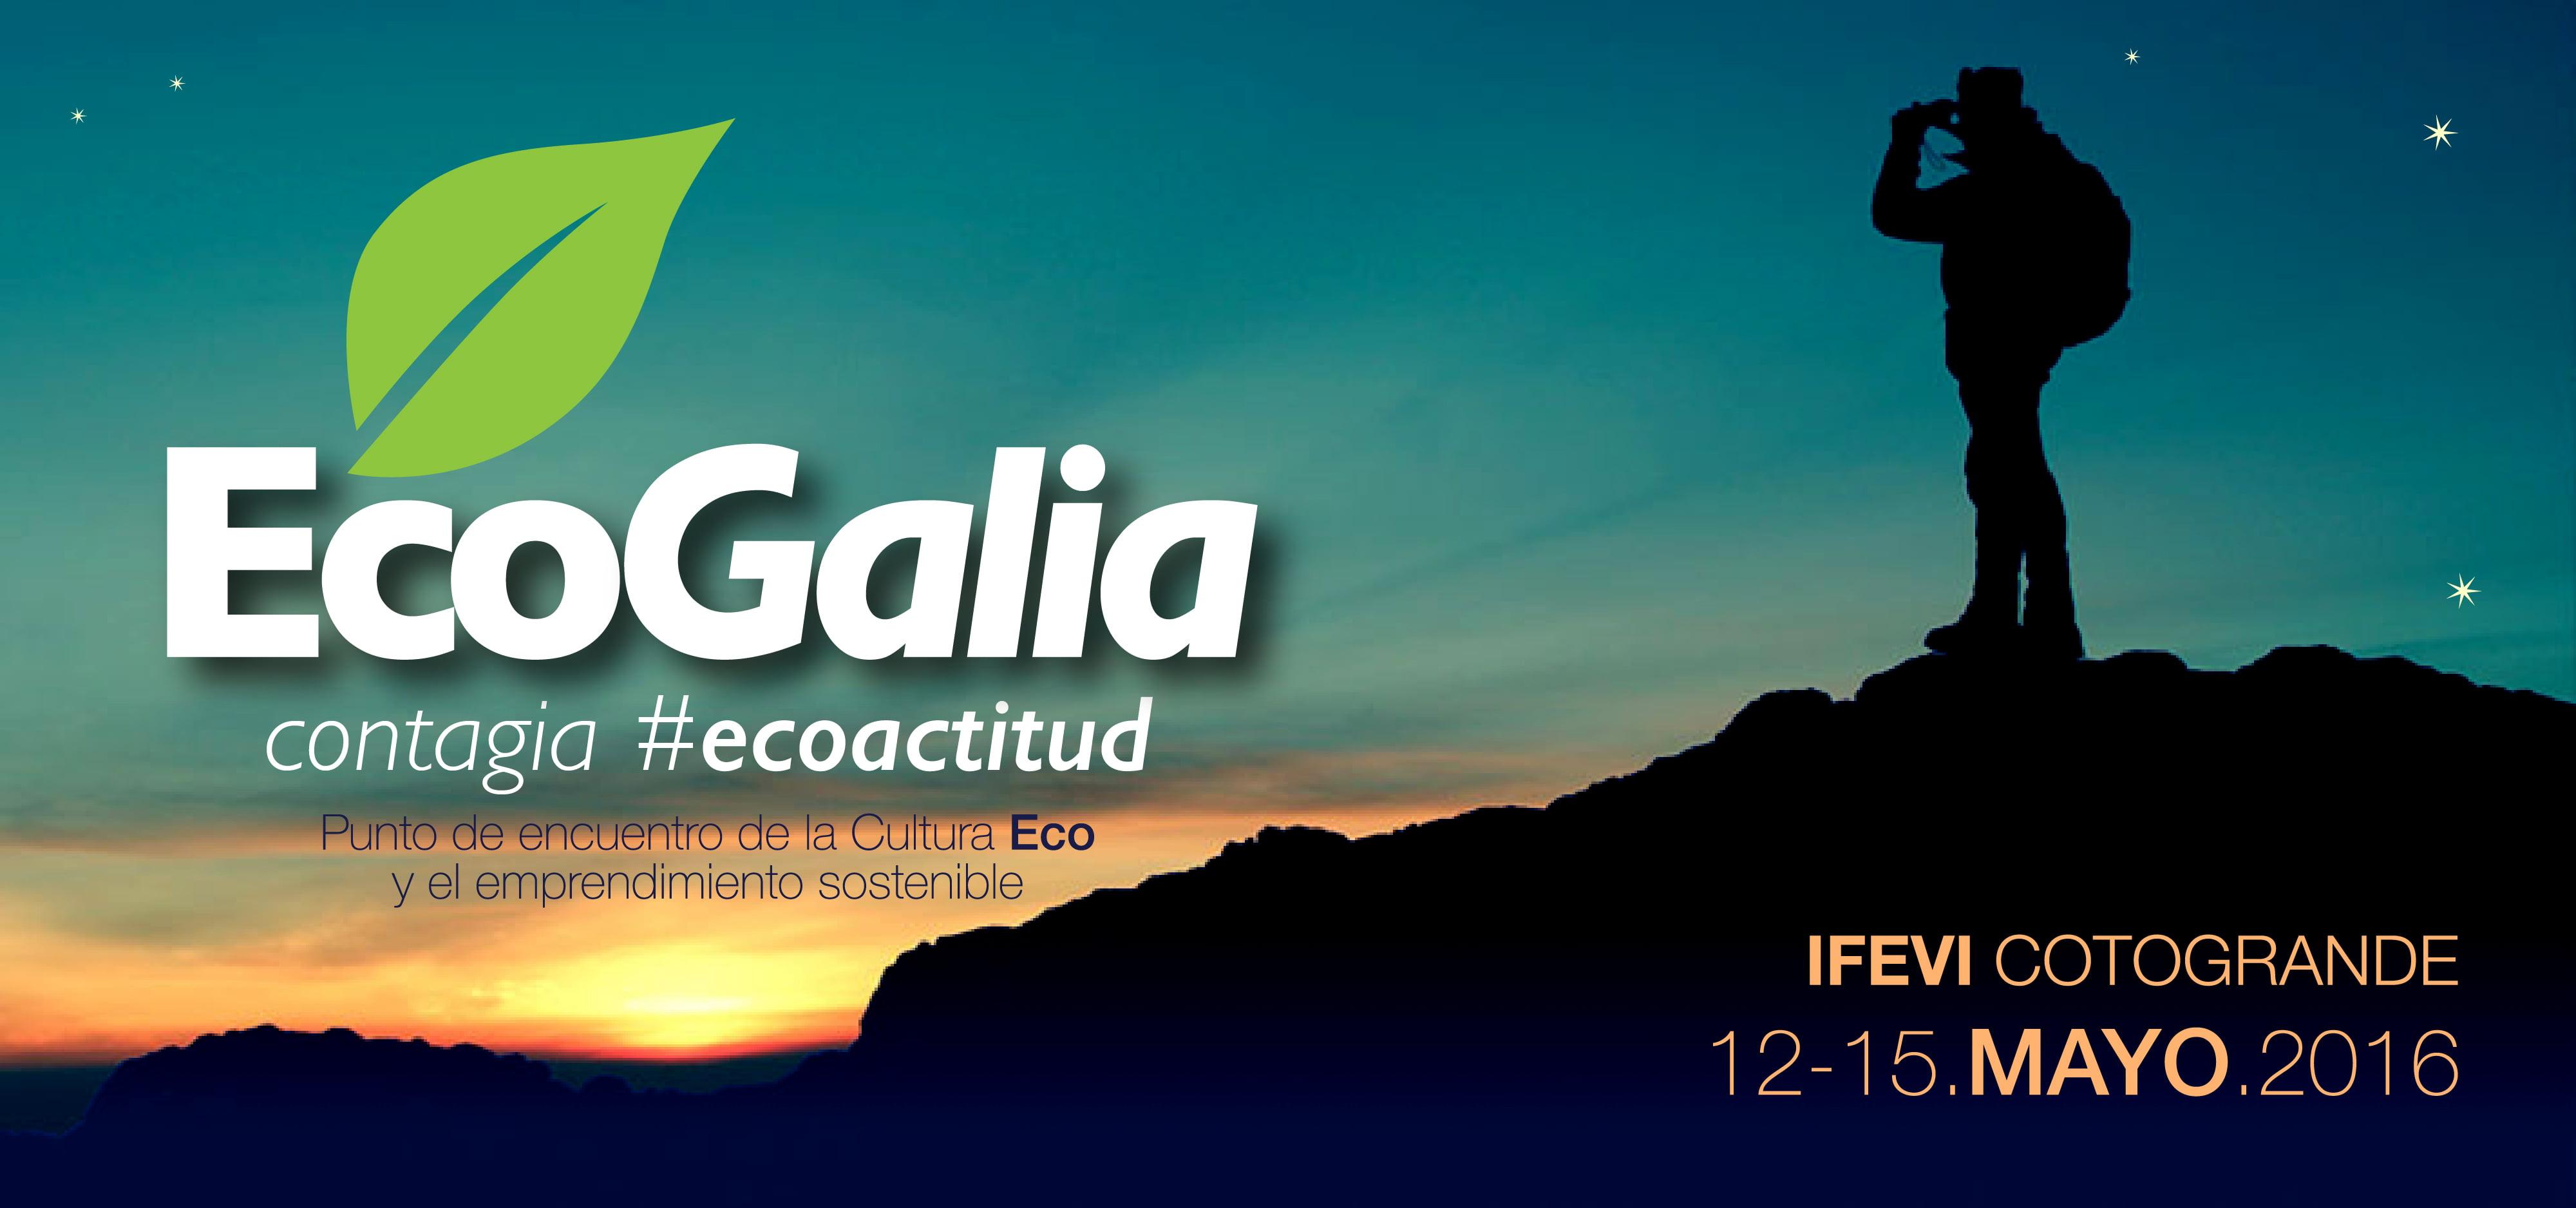 EcoGalia 2016 – Salón de la Ecología de Galicia